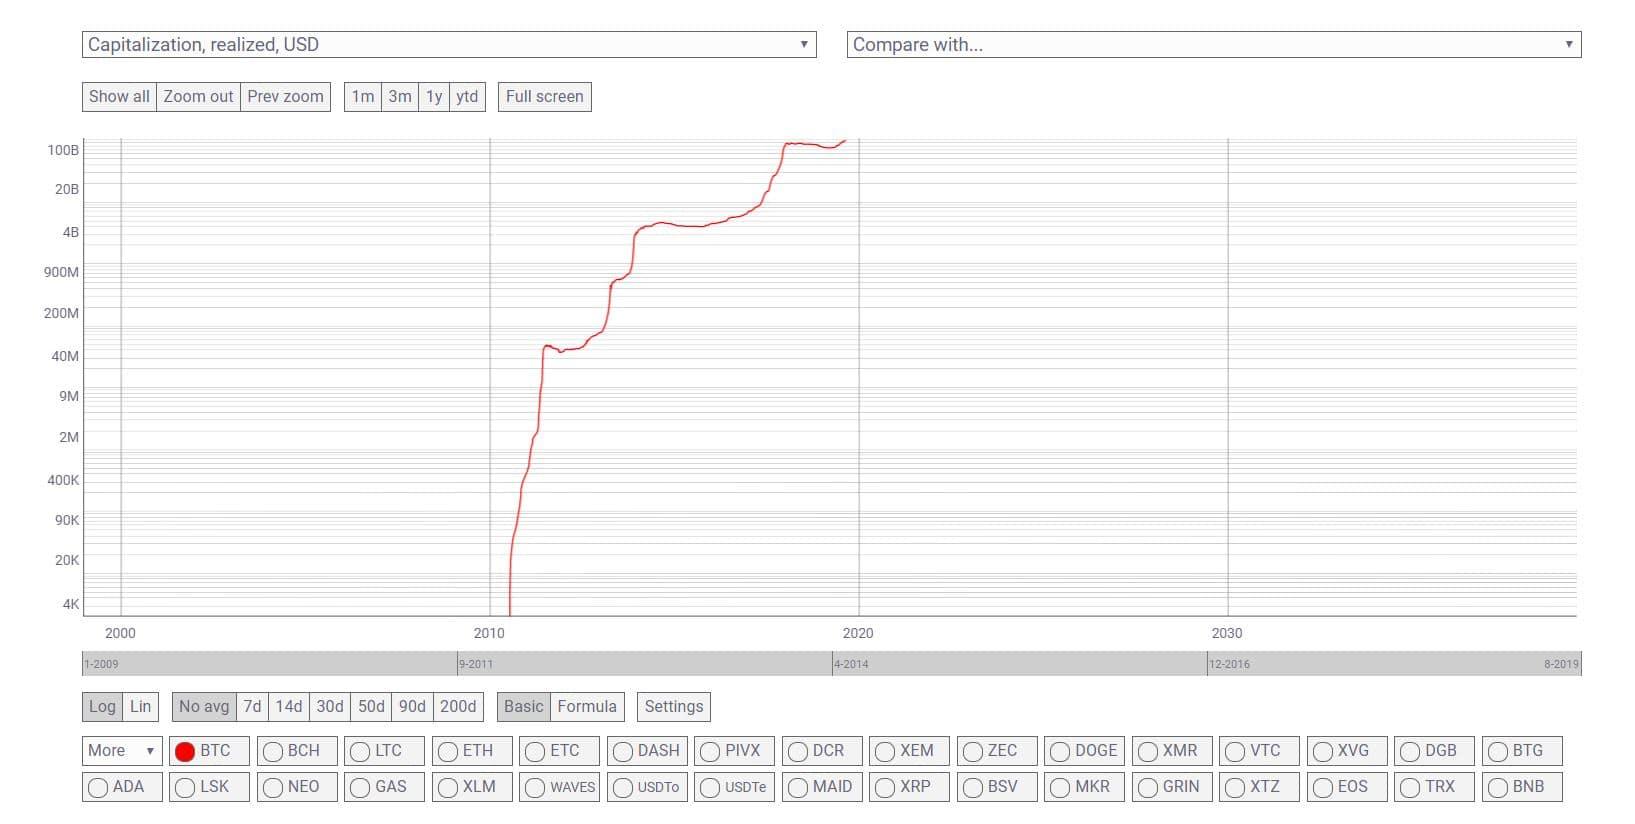 capitalizzazione di mercato record di bitcoin inviare bitcoin a paypal